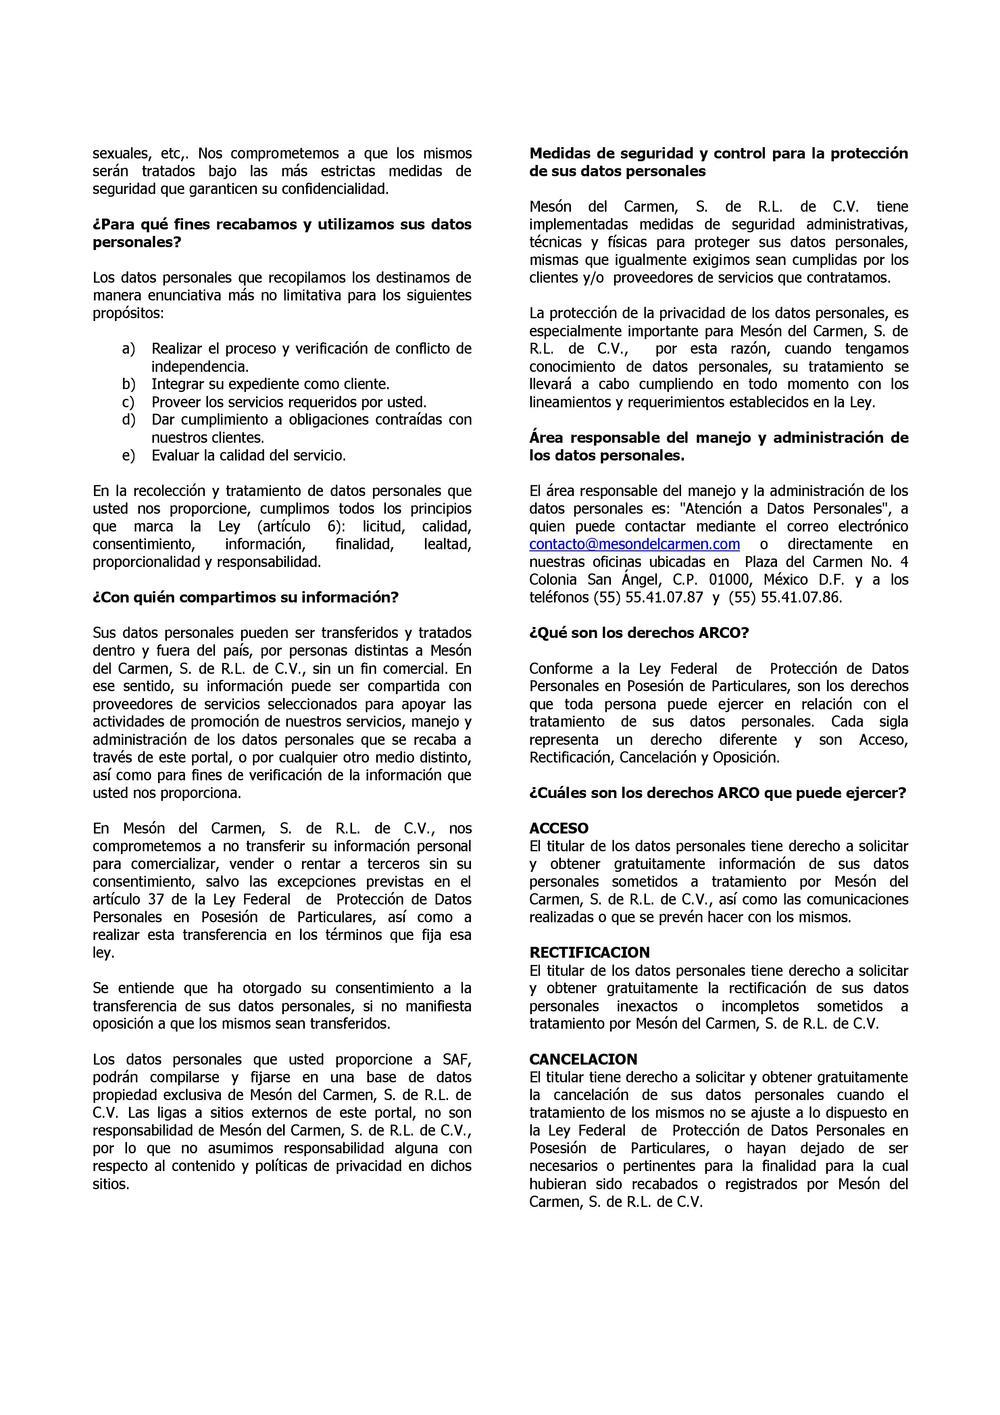 AVISO_DE_PRIVACIDAD02.jpg